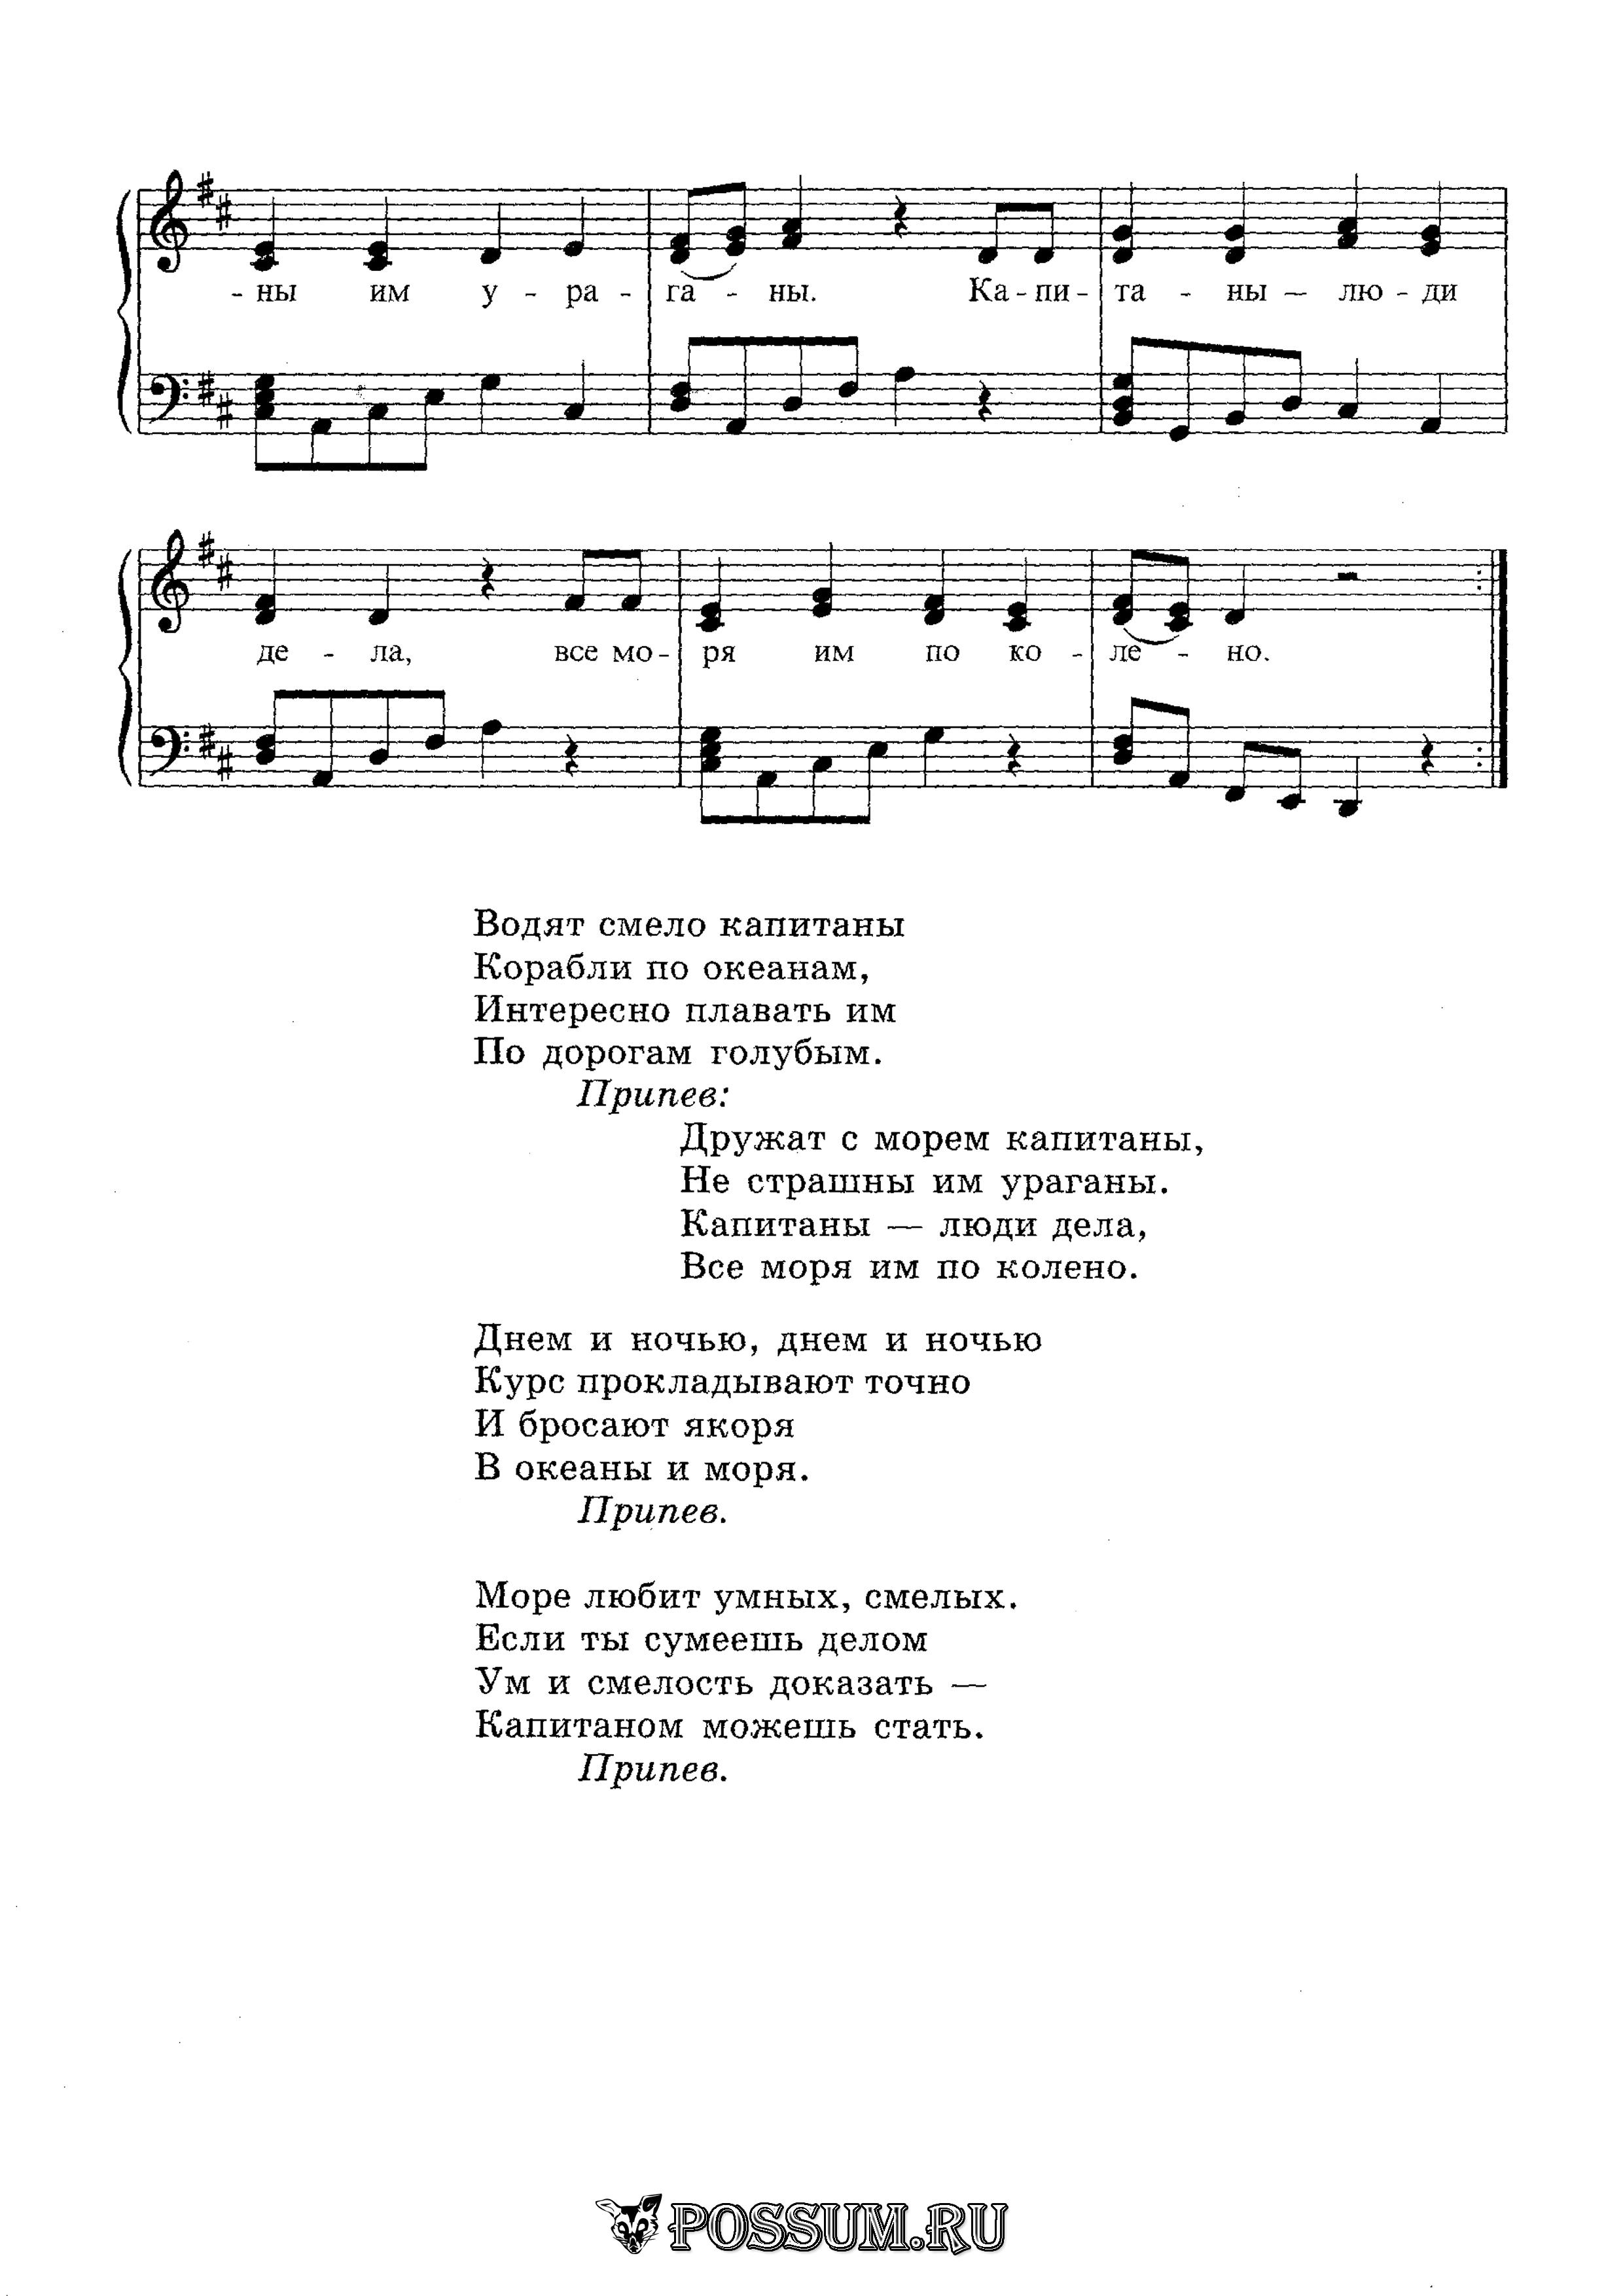 Текст детской песни с днем